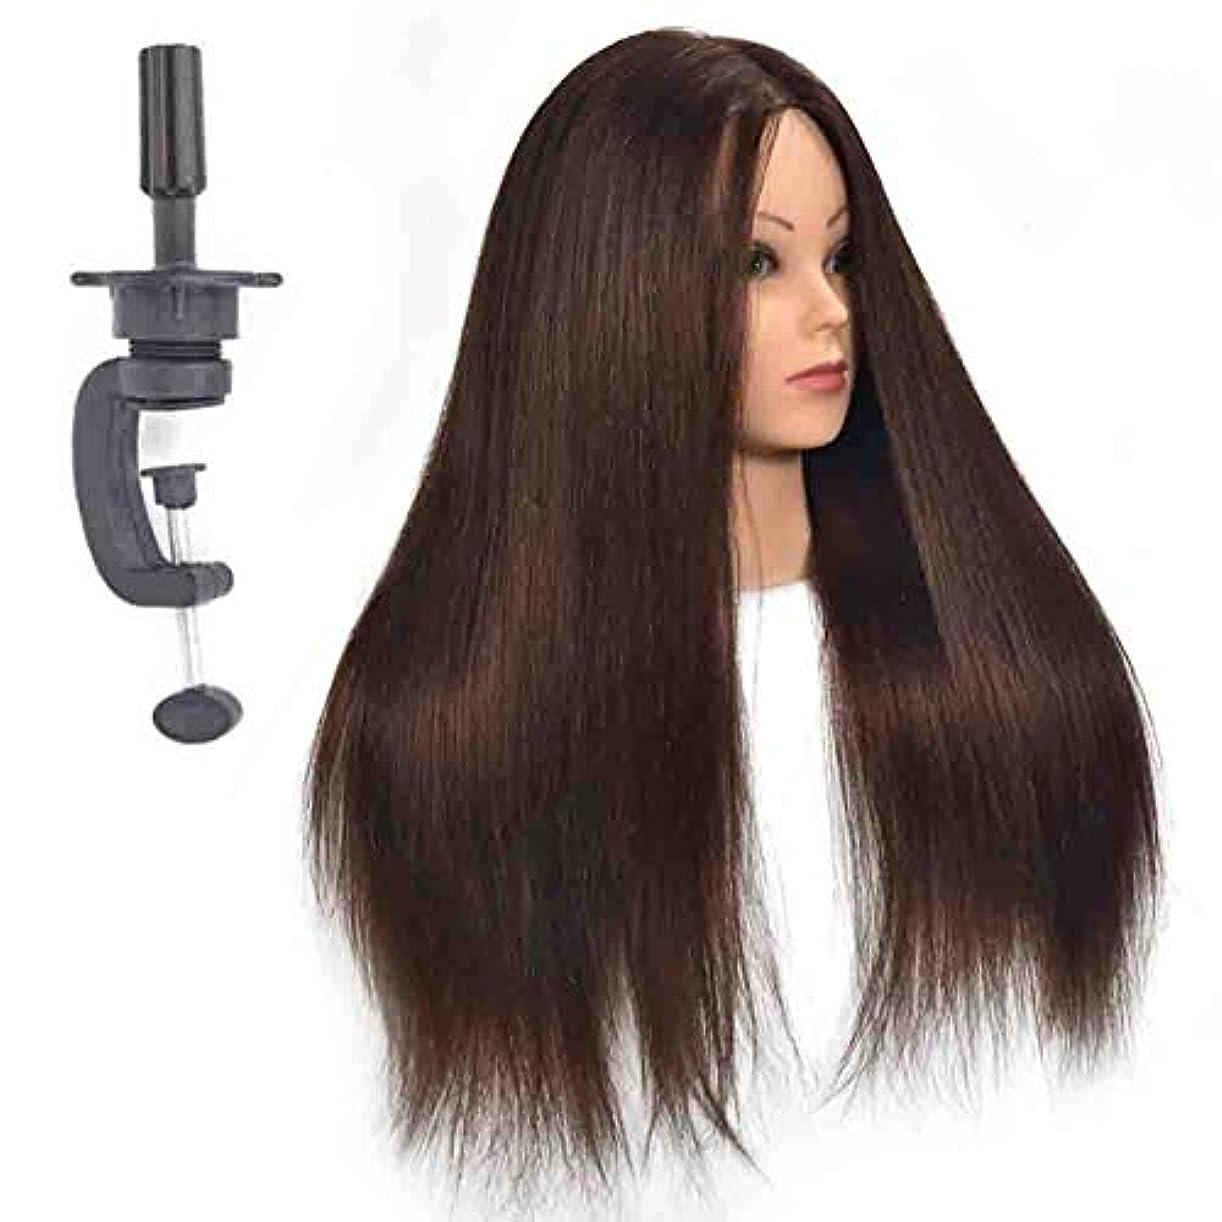 流用する十二解明するサロンヘア編み美容指導ヘッドスタイリングヘアカットダミーヘッドメイク学習ショルダーマネキンヘッド